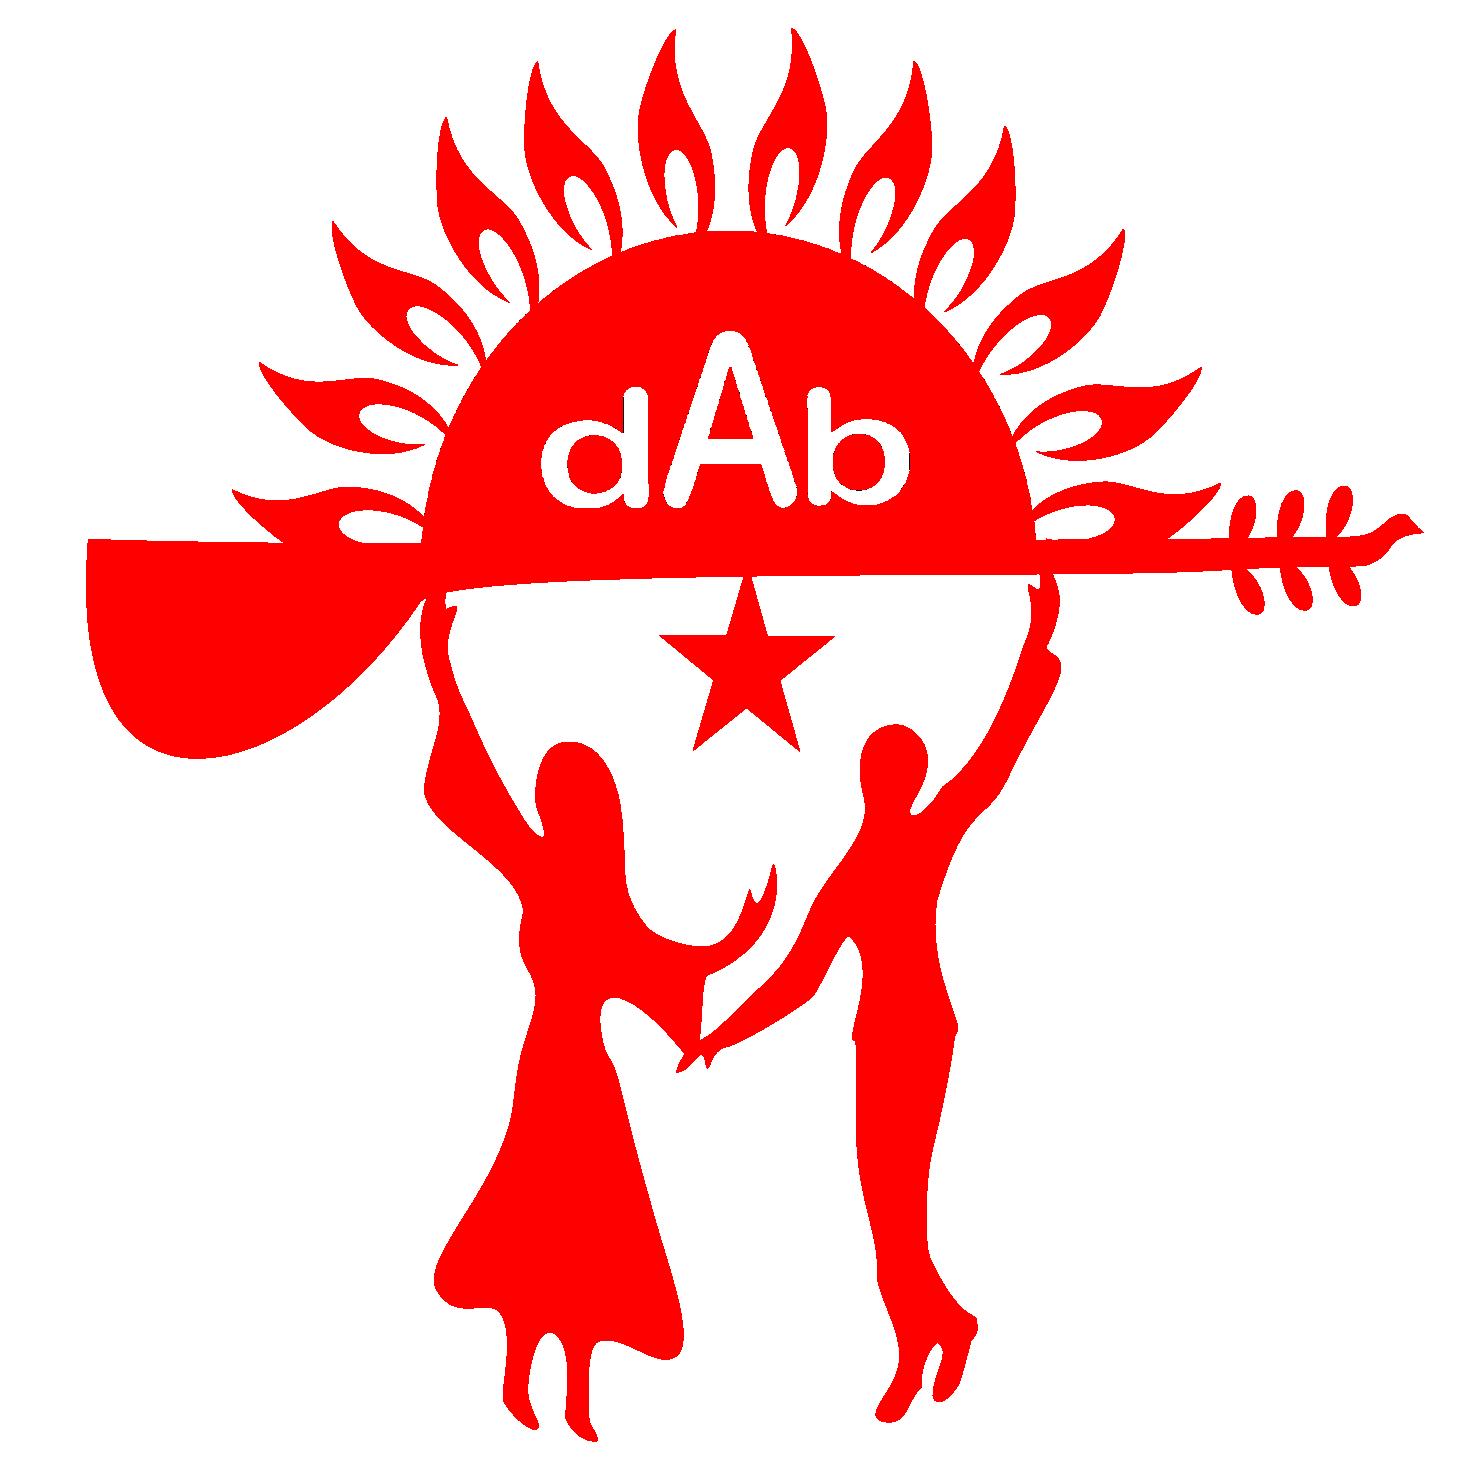 DAB-logo rød rød